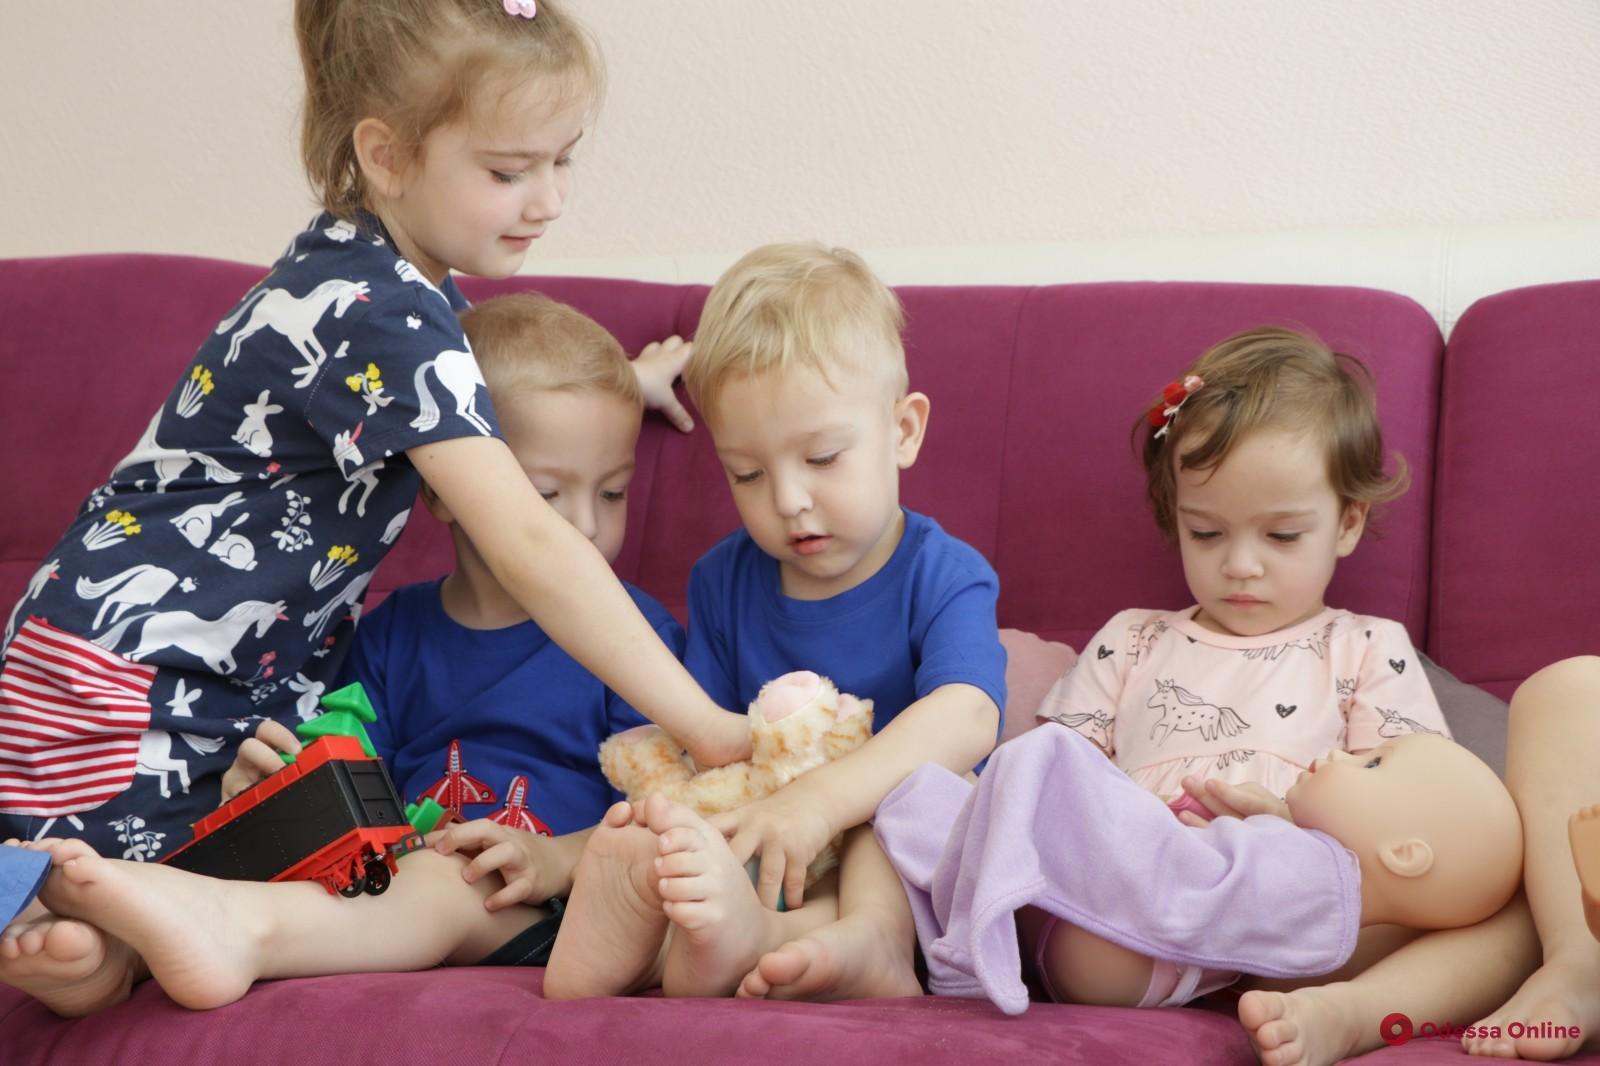 Одесские пятерняшки получили подарки ко Дню защиты детей (фото,видео)